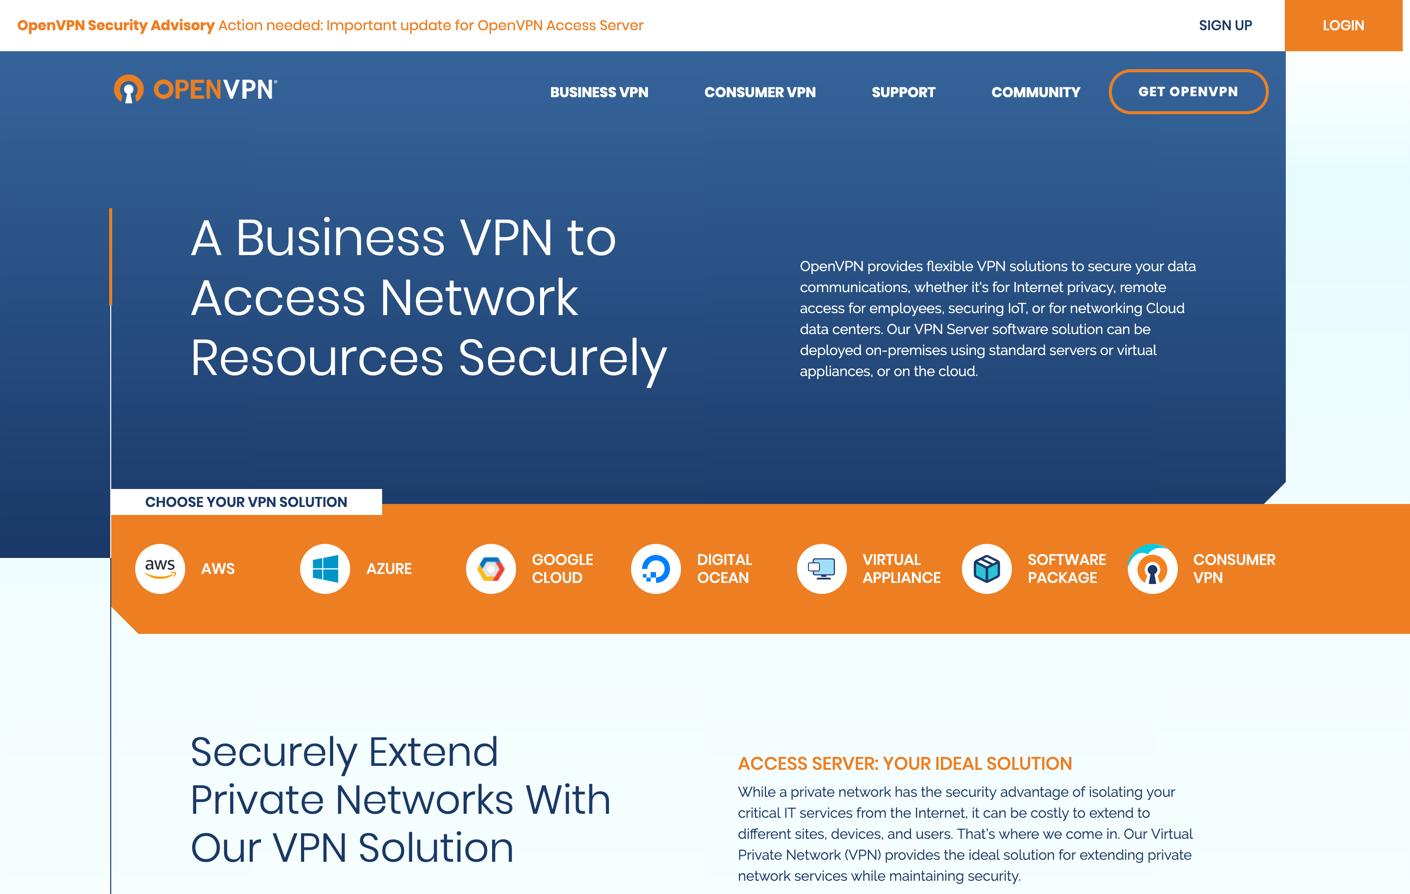 openvpn homepage